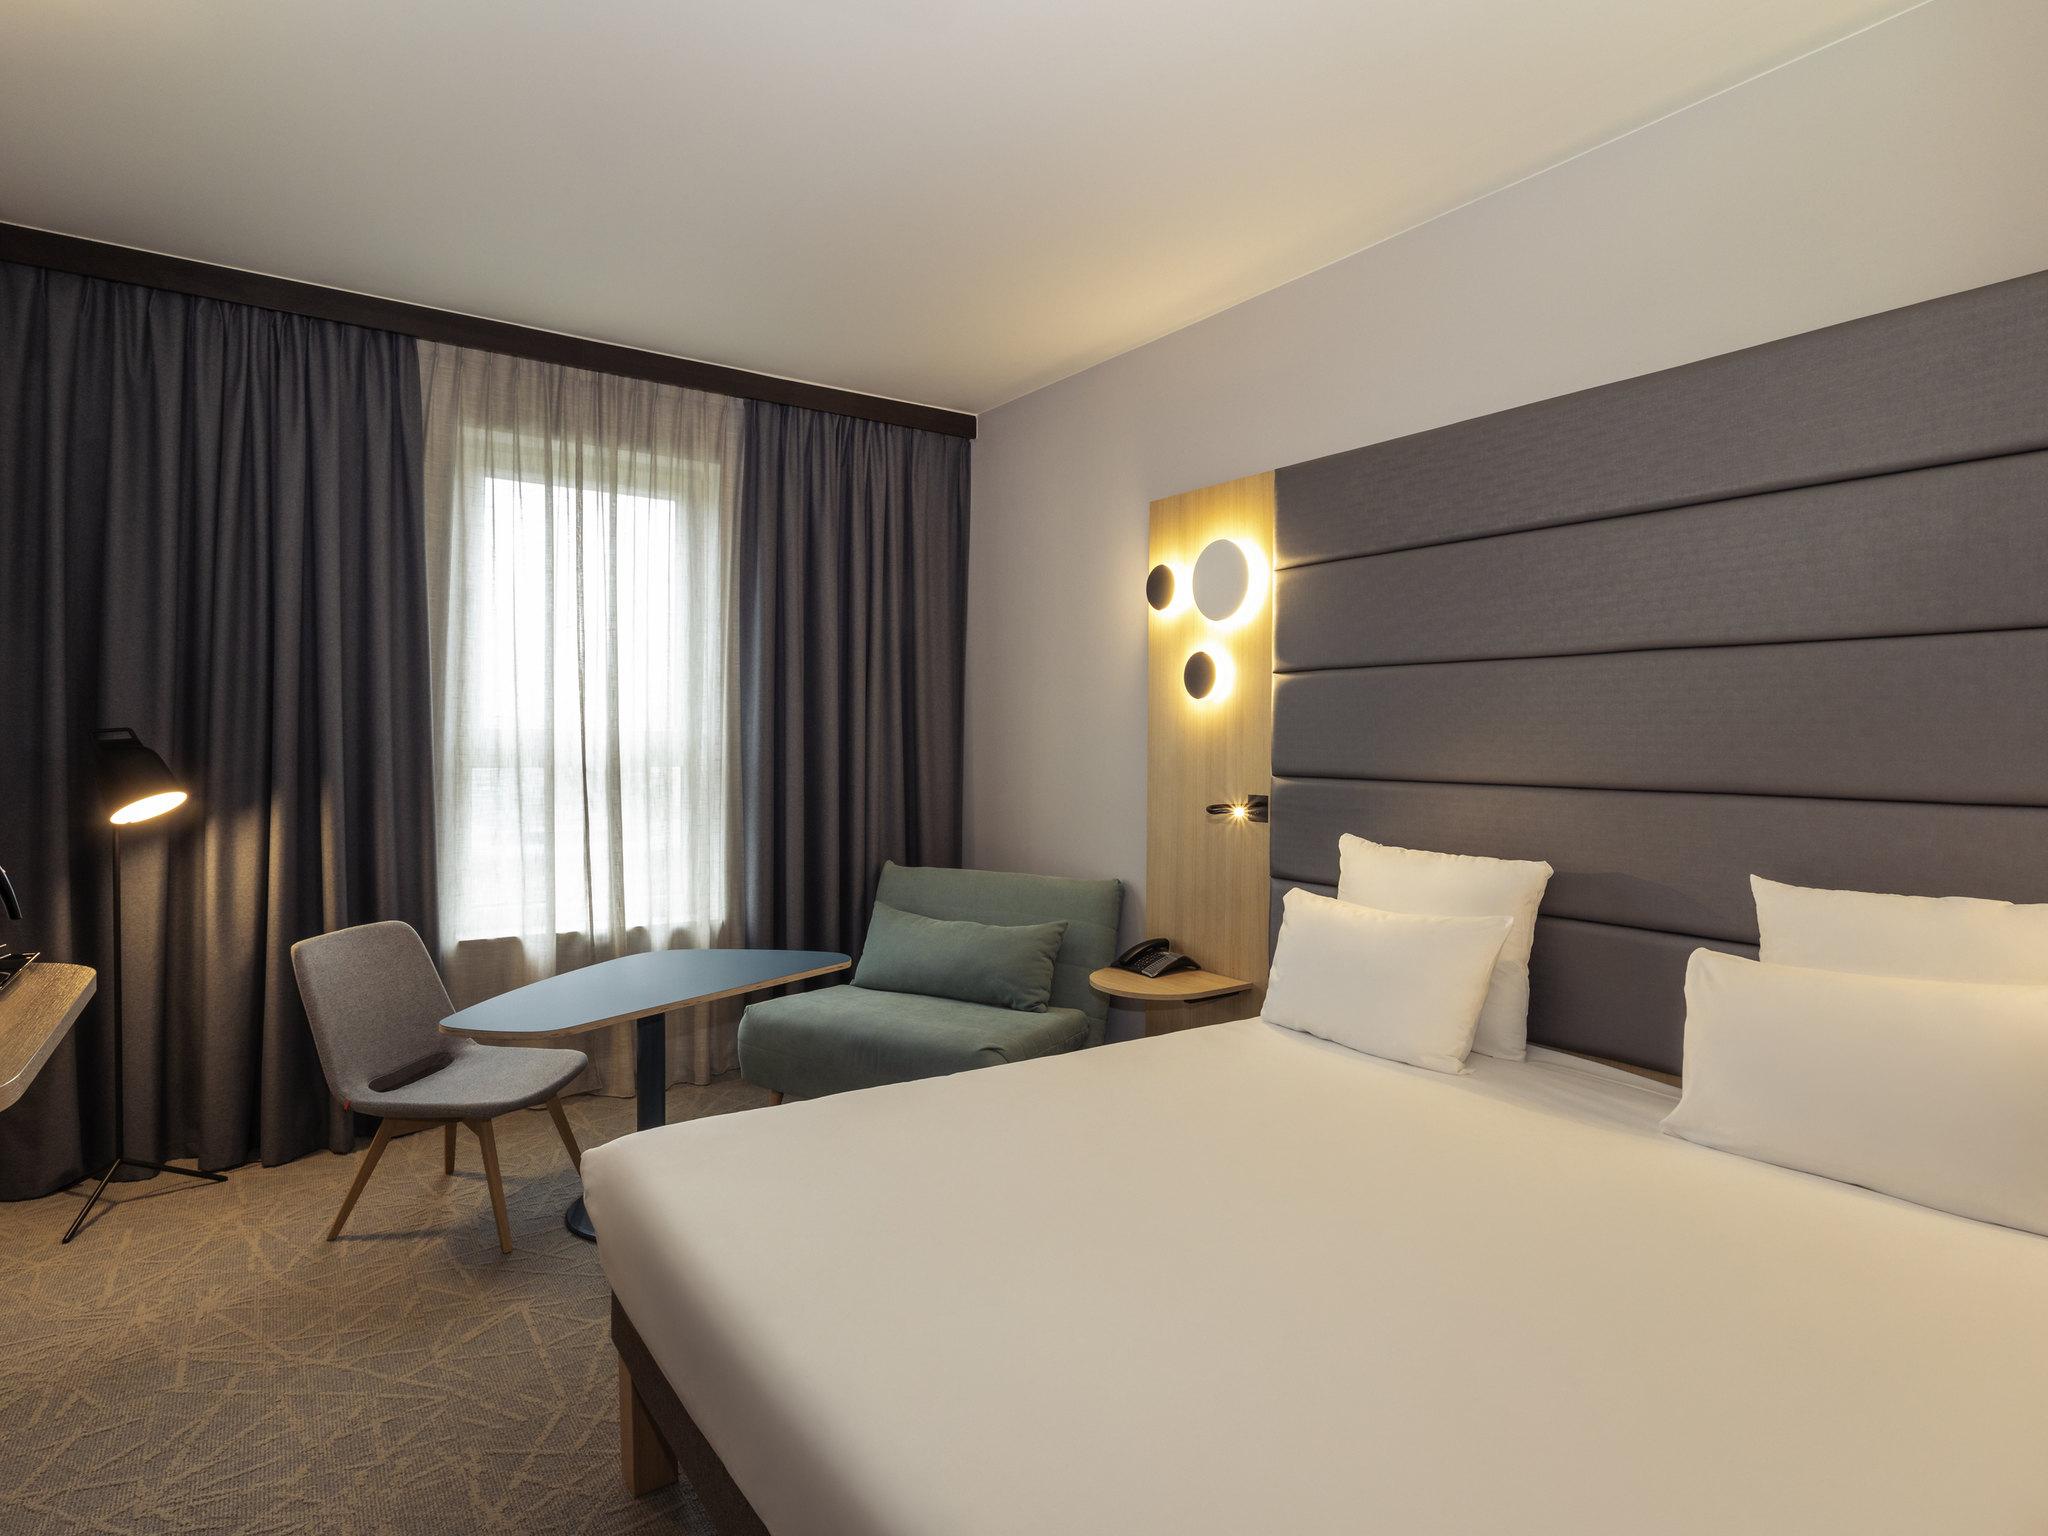 酒店 – 布鲁塞尔中央车站诺富特酒店(2014 年 4 月开业)